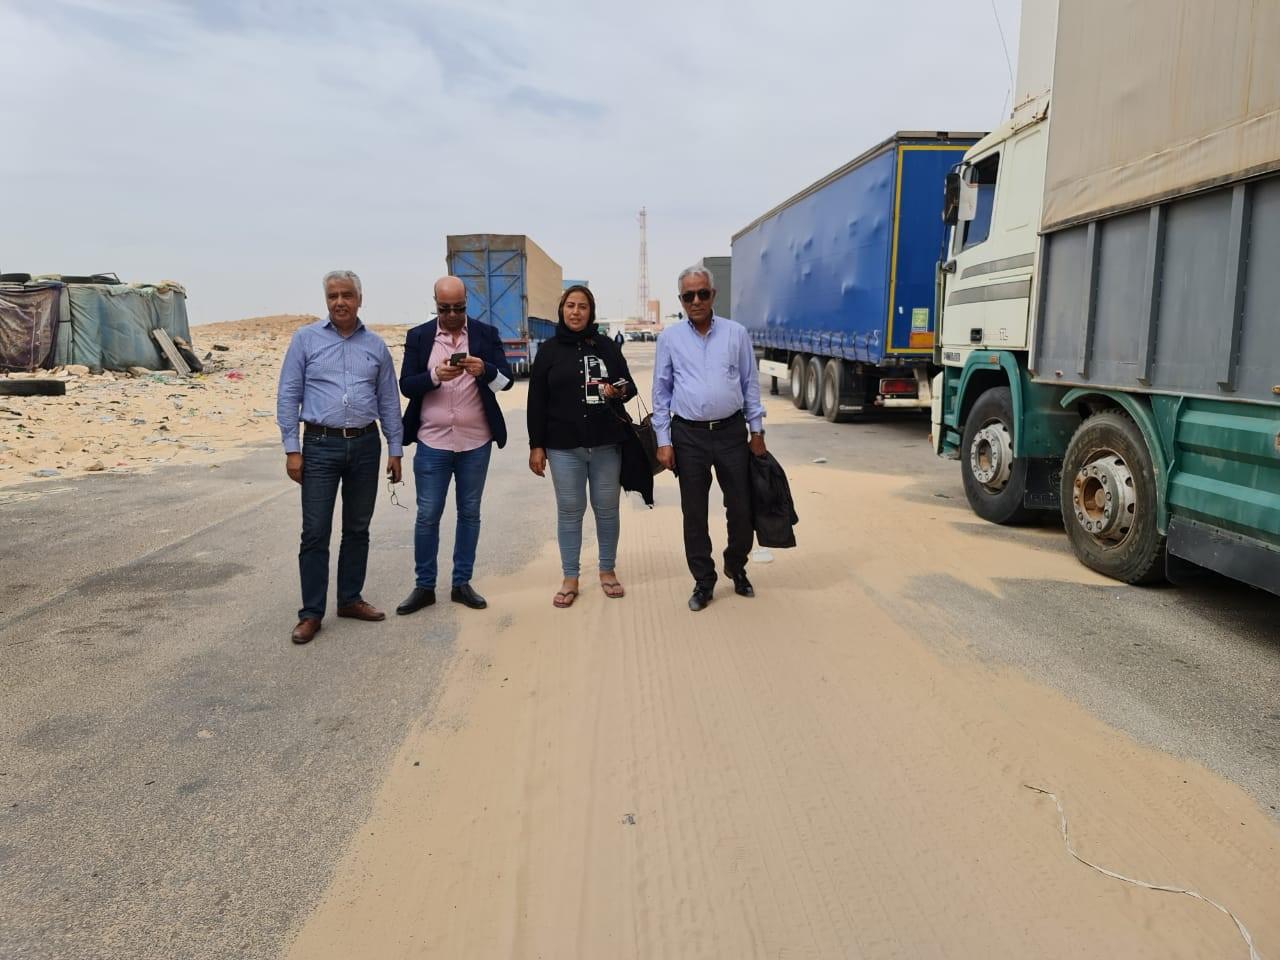 Brahim Mansour, Driss Chahtane, la populaire Fatema Zohra de Chouf TV, le Président Dilami, dans le corridor de Guergarate